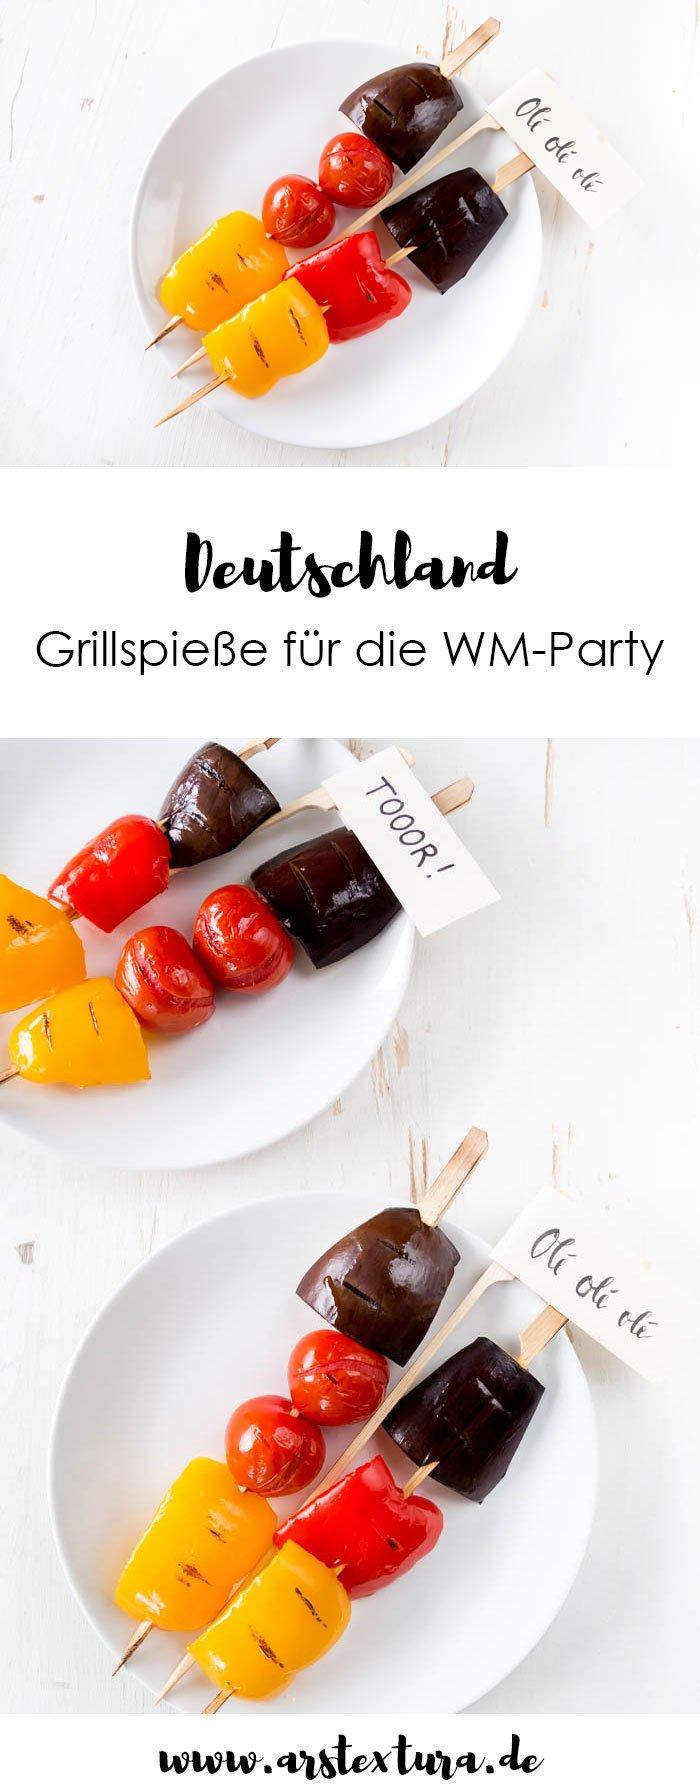 Leckere Grillspieße in Deutschland Farben sind die perfekte Deko nd der perfekte Snack für deine WM-Party | ars textura - DIY Blog